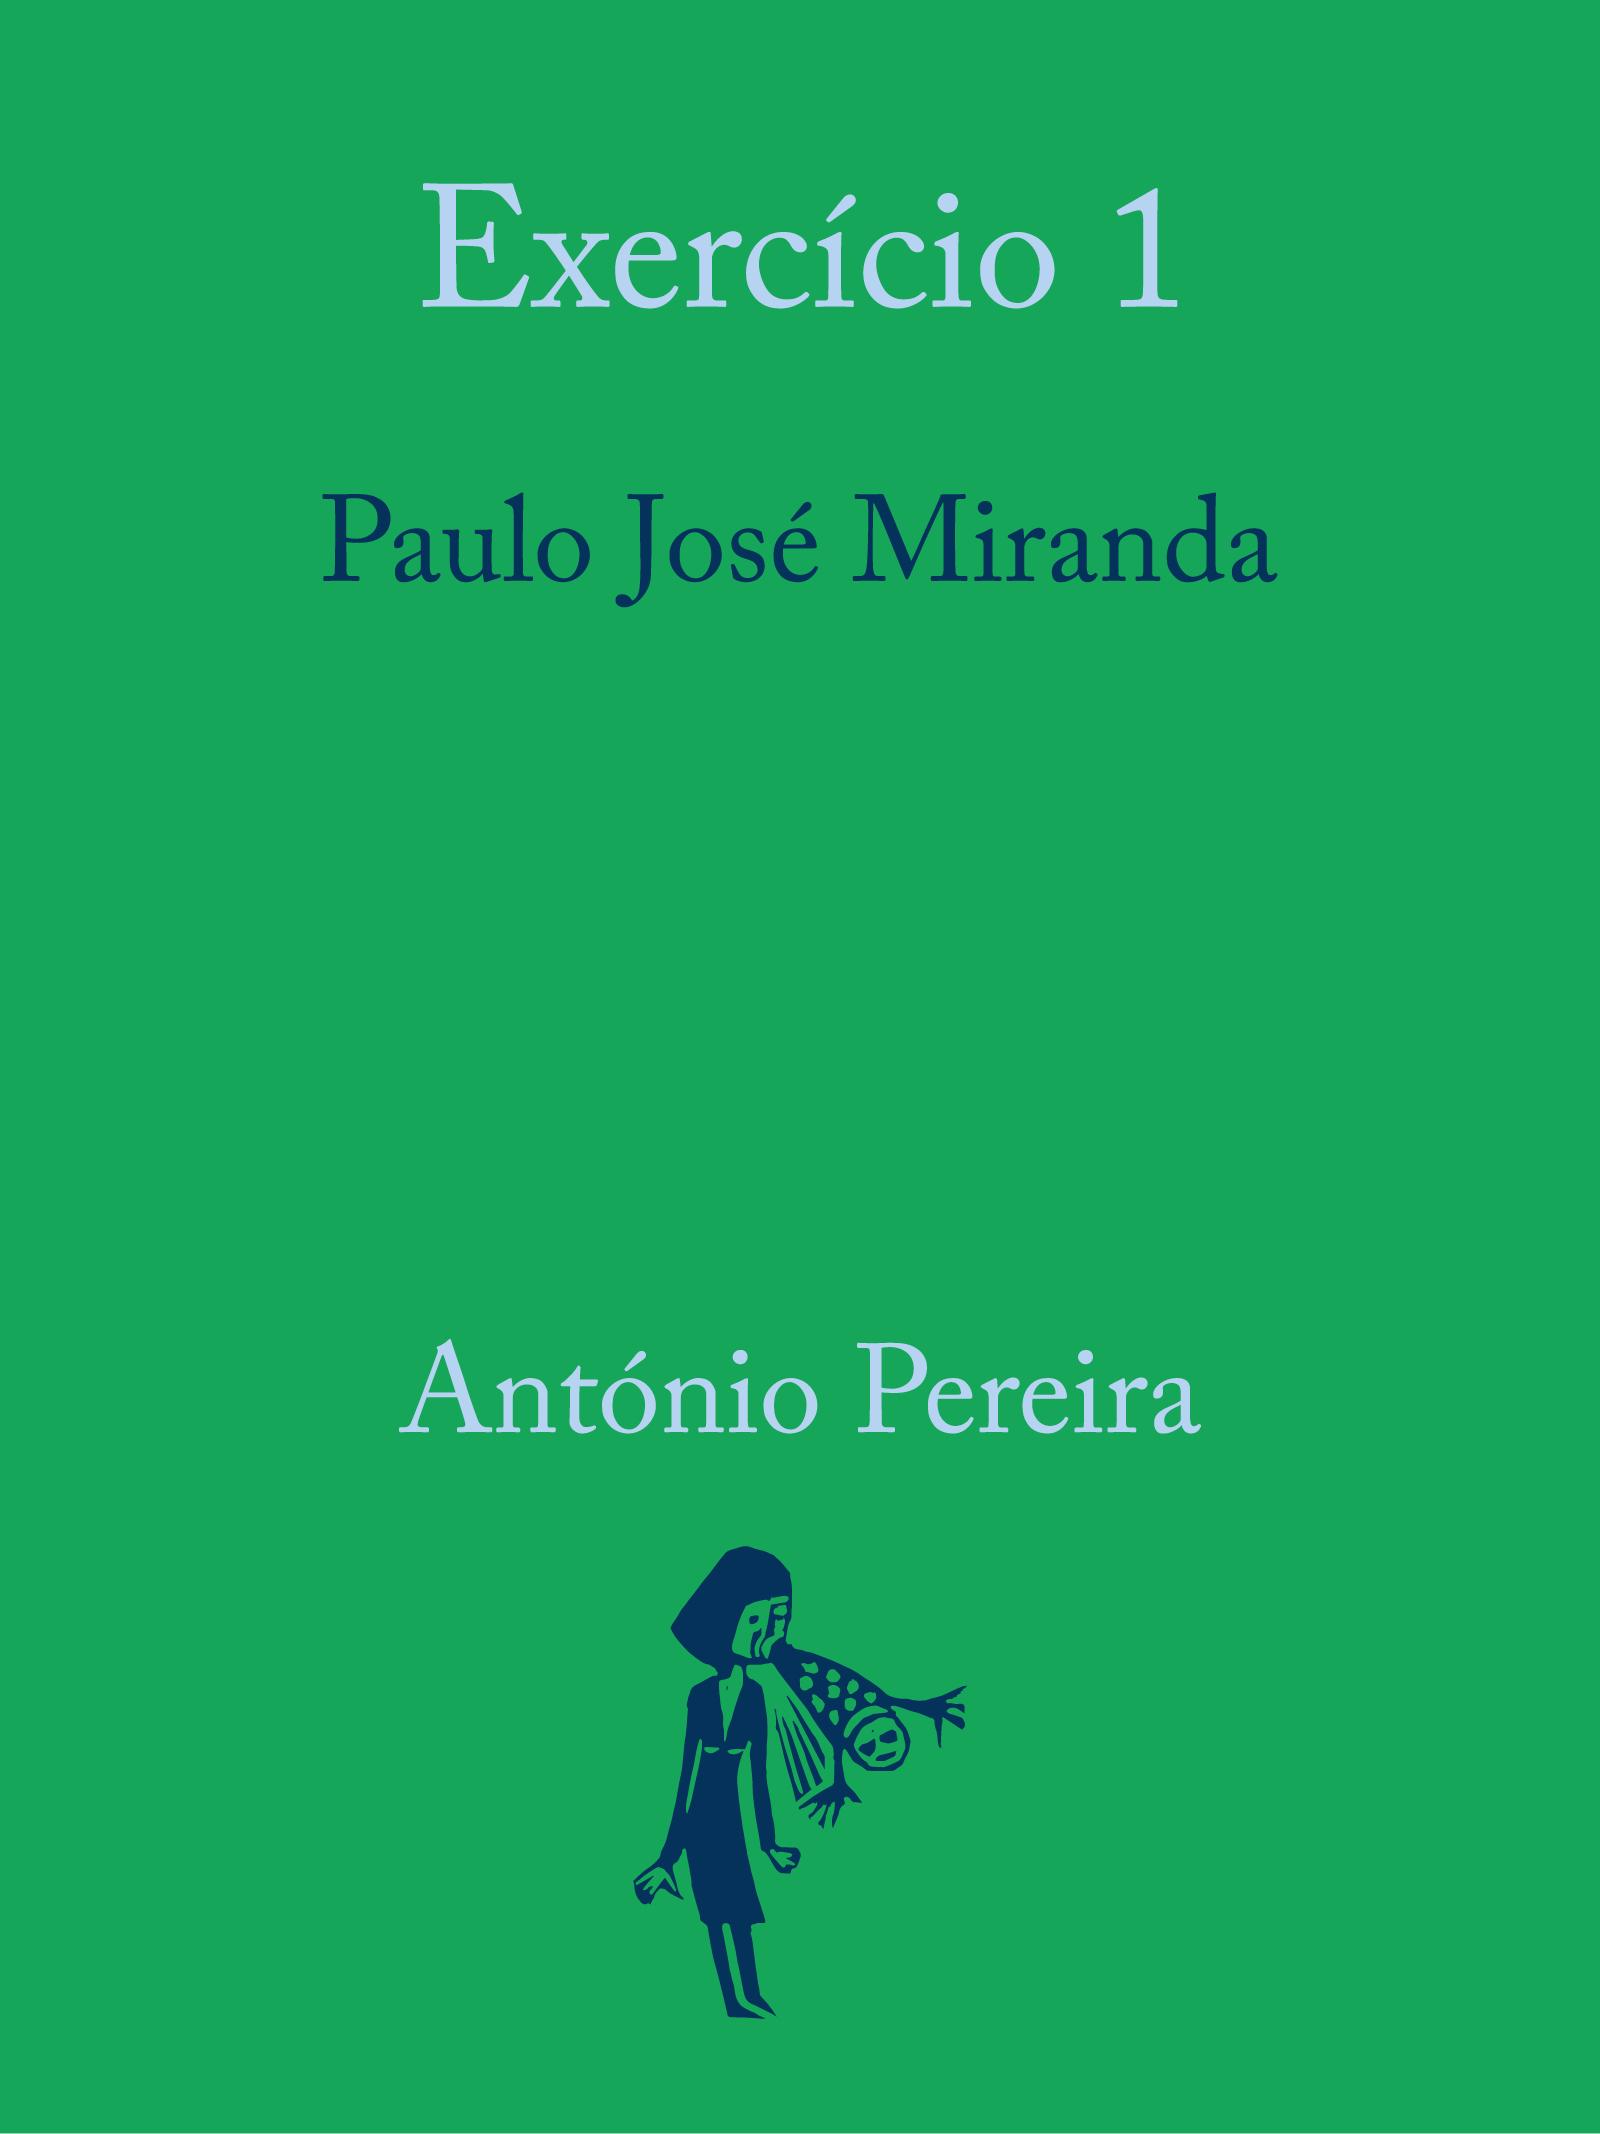 exercicio1AP.jpg